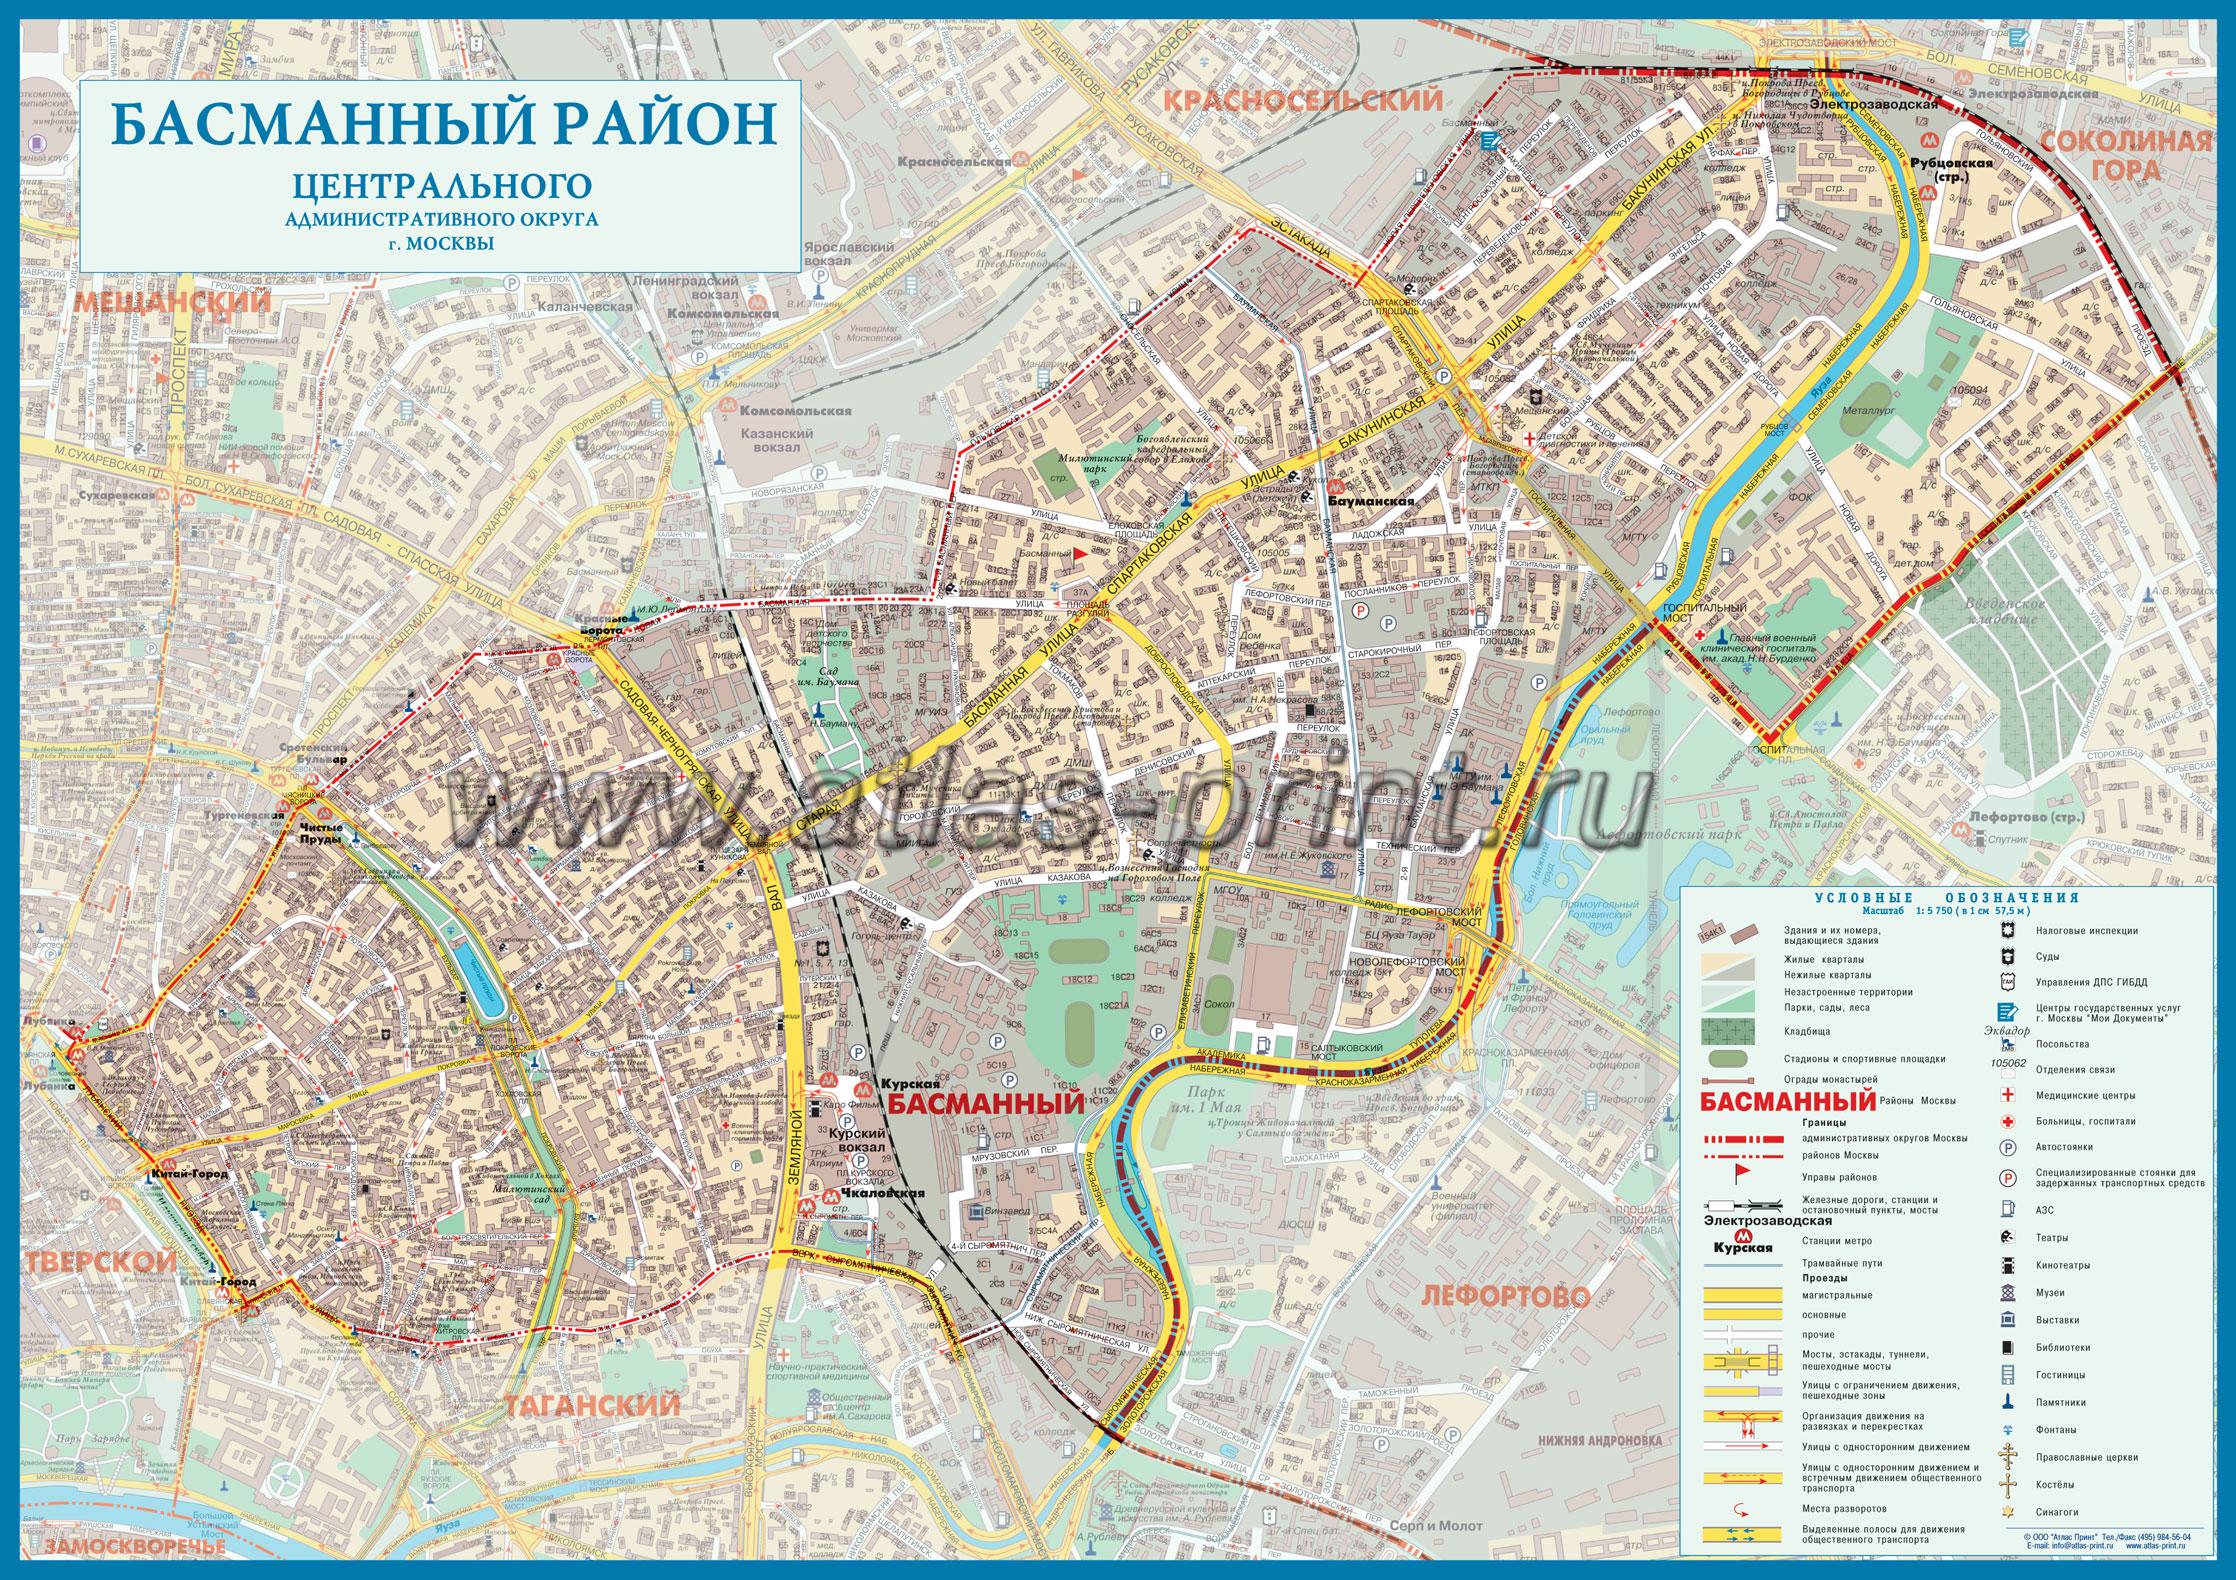 Настенная карта района Басманный г.Москвы 1,00*0,70 м, ламинированная